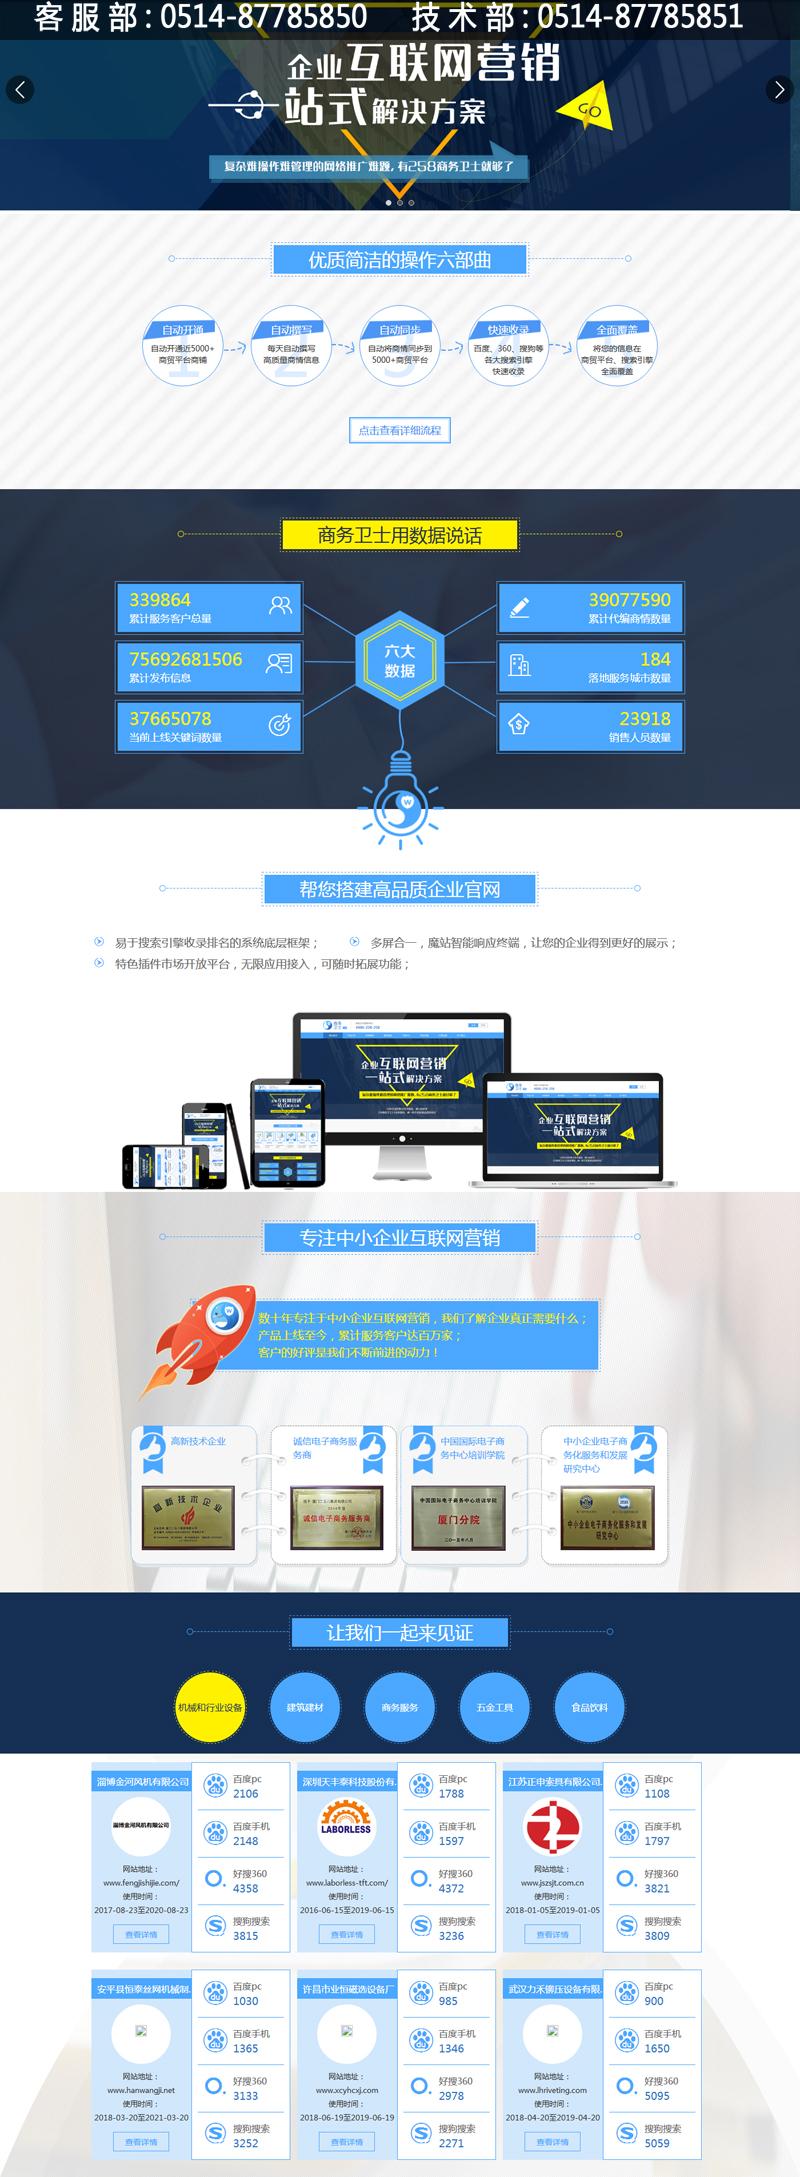 企业网络推广_B2B信息发布_全自动整合营销工具软件-258商务卫士副本.jpg